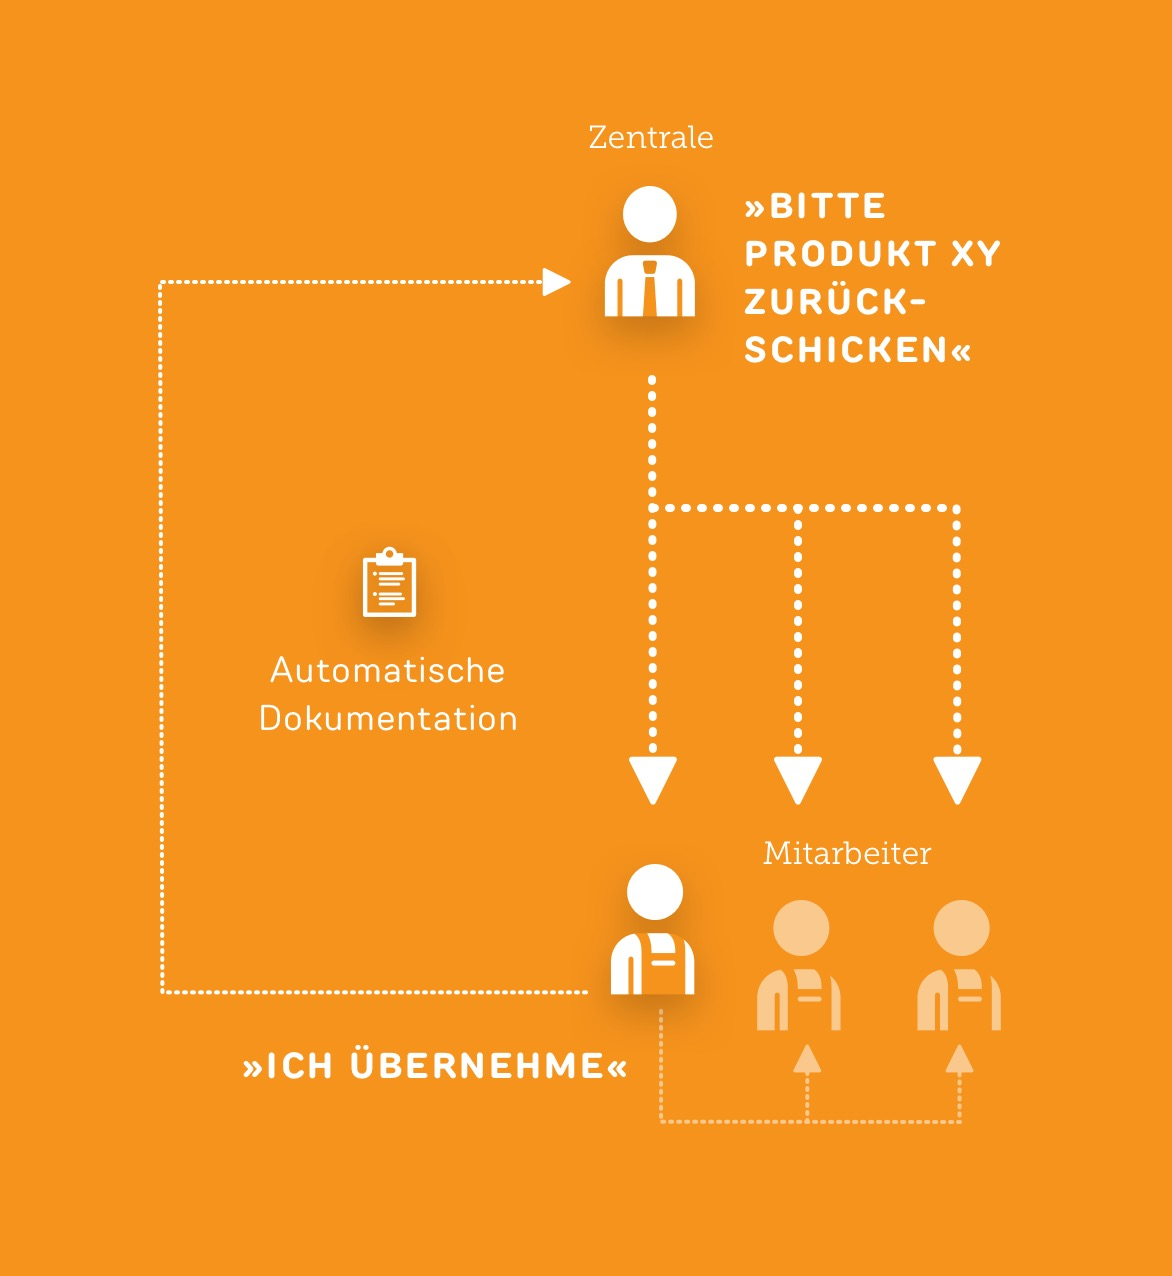 Kommunikation zwischen Zentrale und Filiale - Use case ReAct Retail